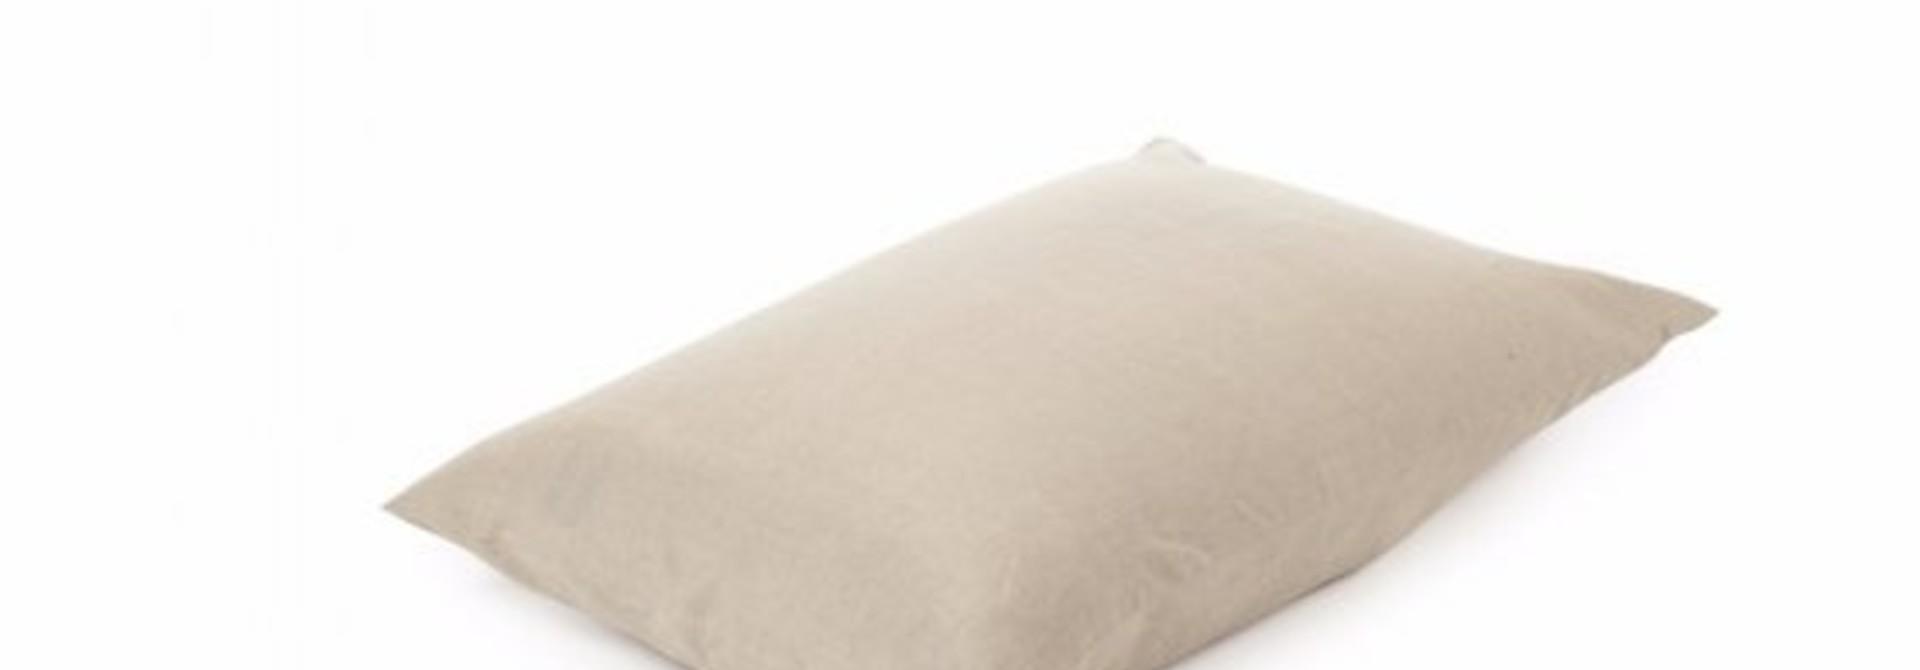 Heritage - Lumbar Pillow - Flax